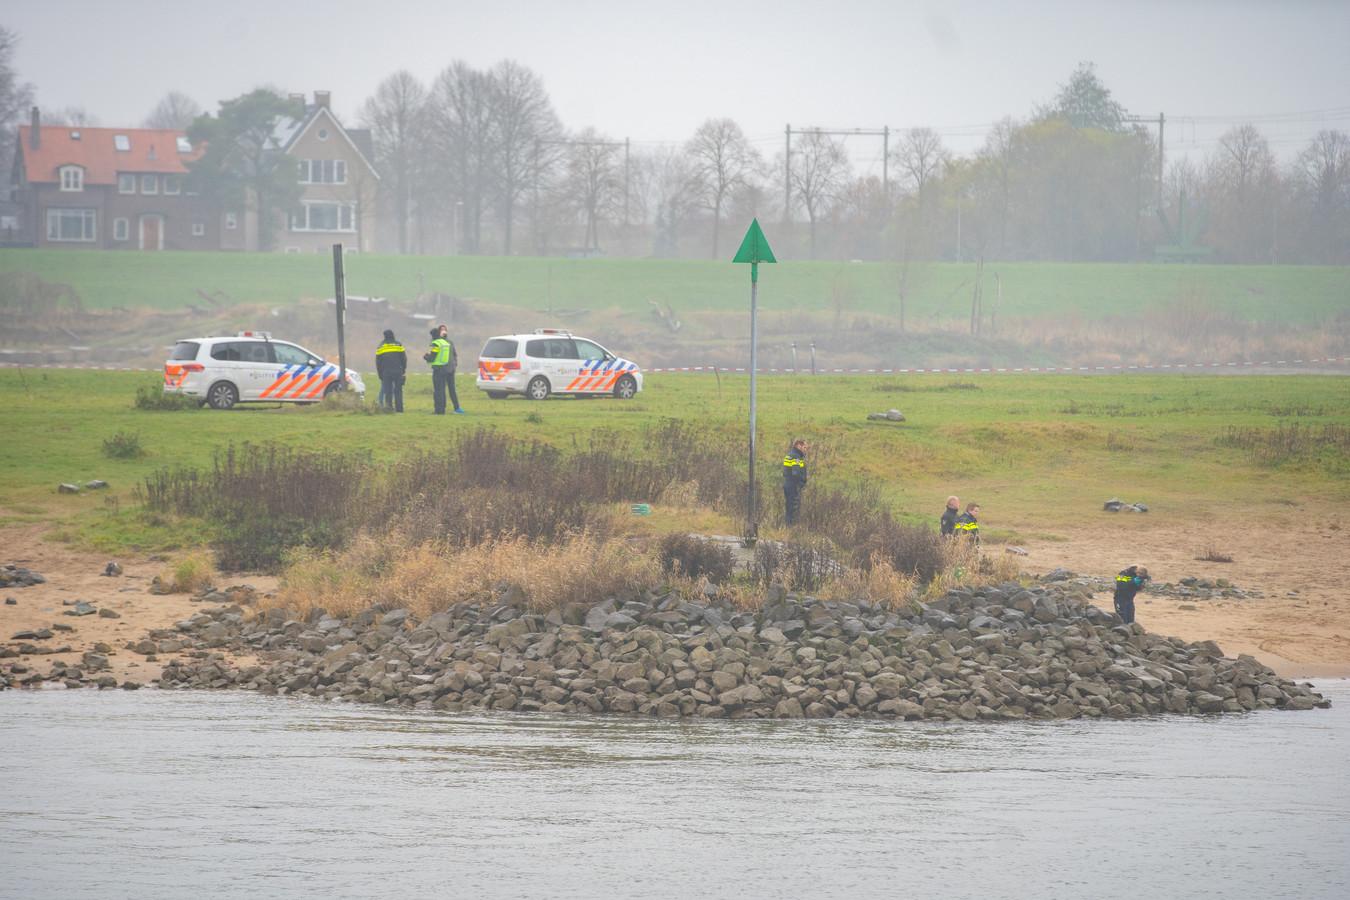 De politie heeft het lichaam naar de kant gehaald en doet onderzoek.